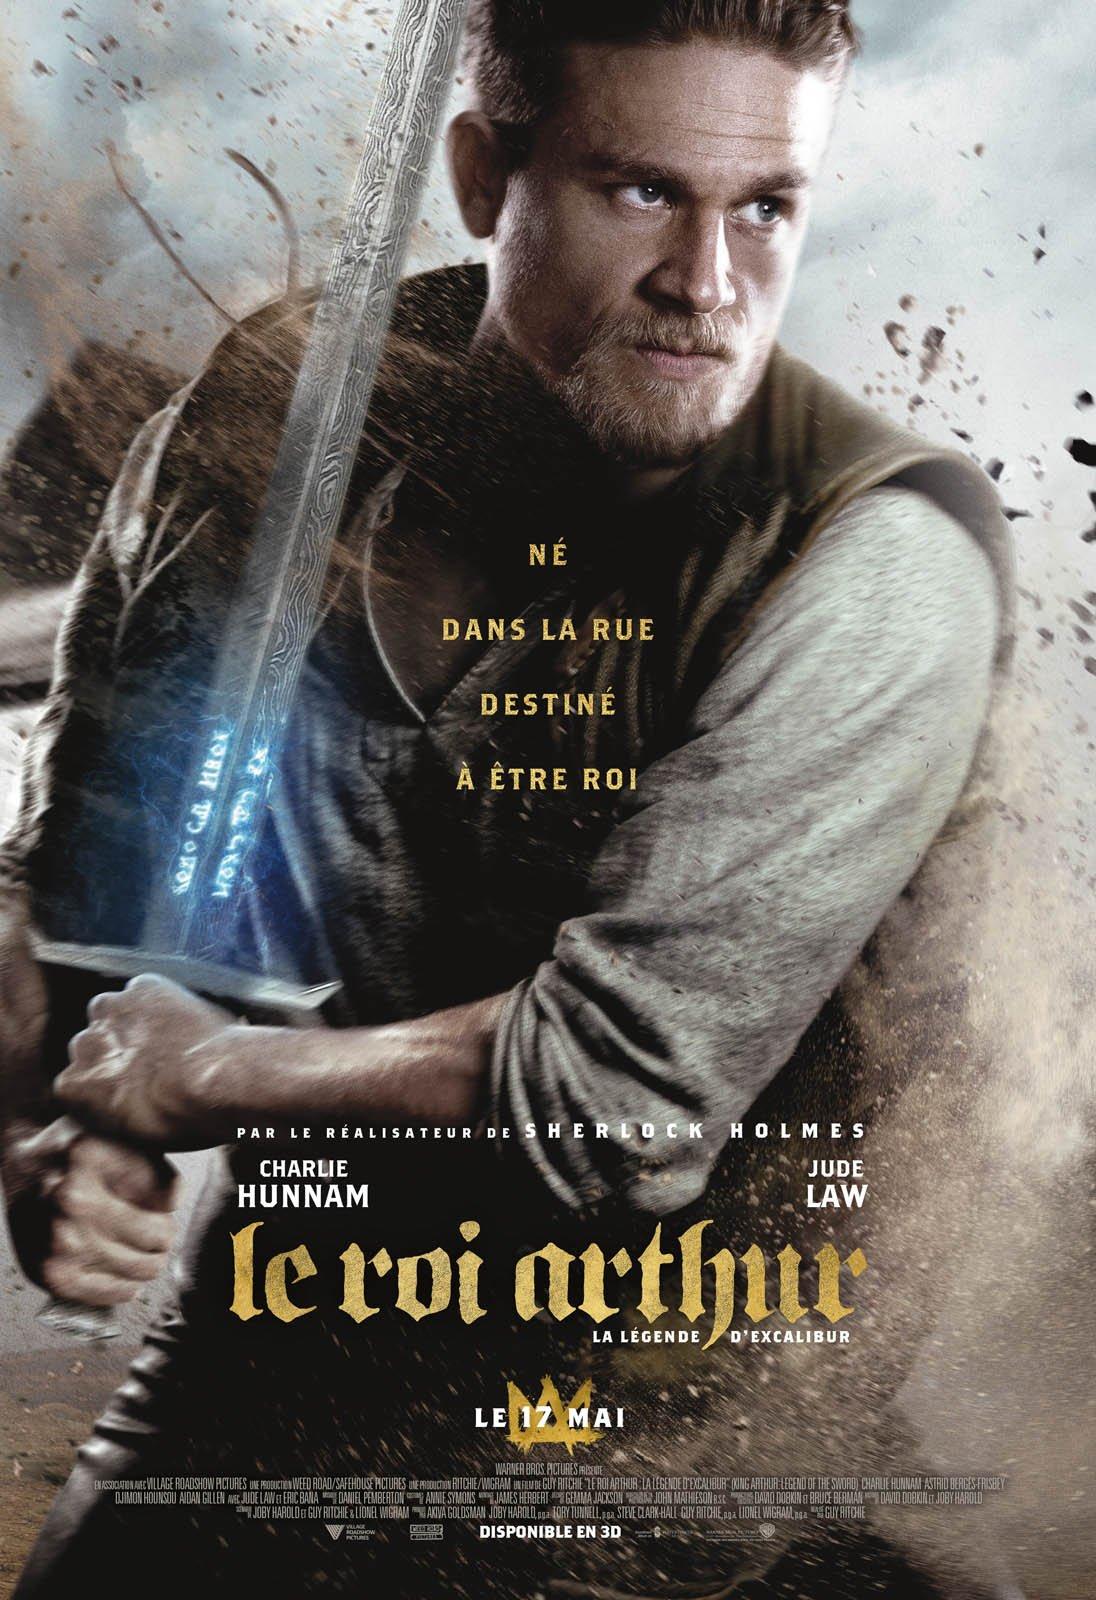 Le Roi Arthur: La Légende d'Excalibur Français HDRiP